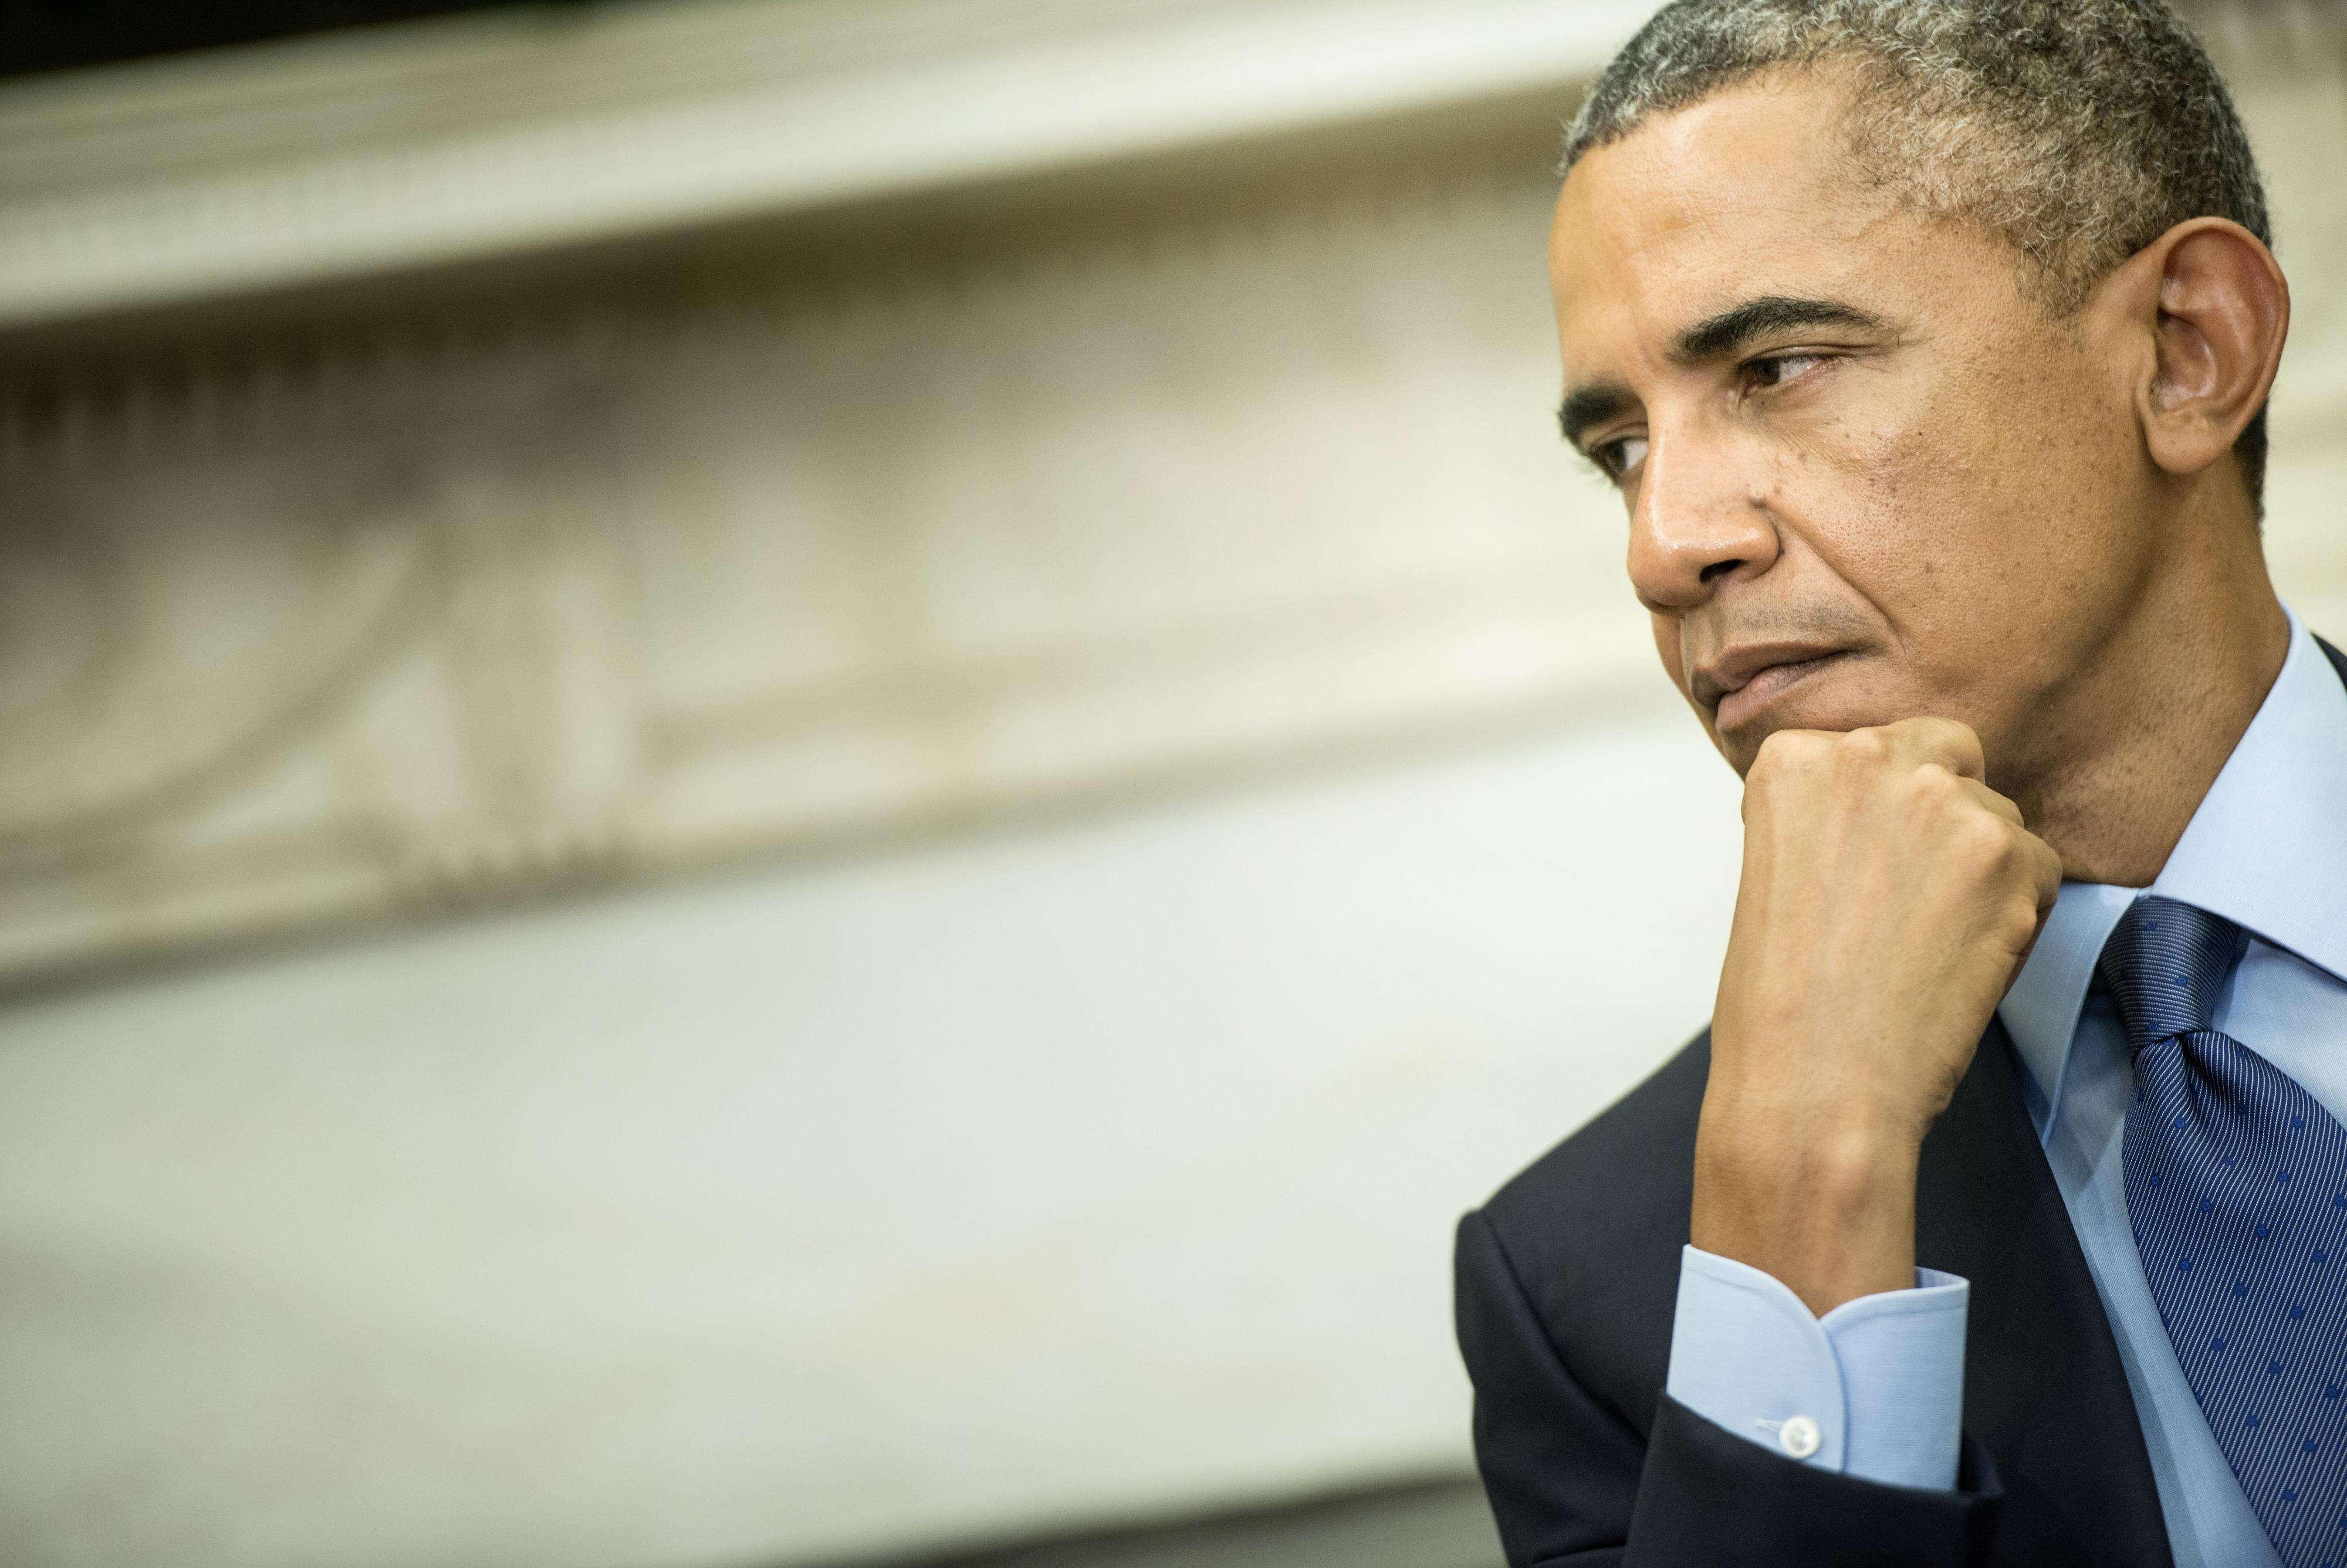 Obama teria andado em elevador com um homem armado e que já cometeu crimes Foto: BRENDAN SMIALOWSKI /AFP